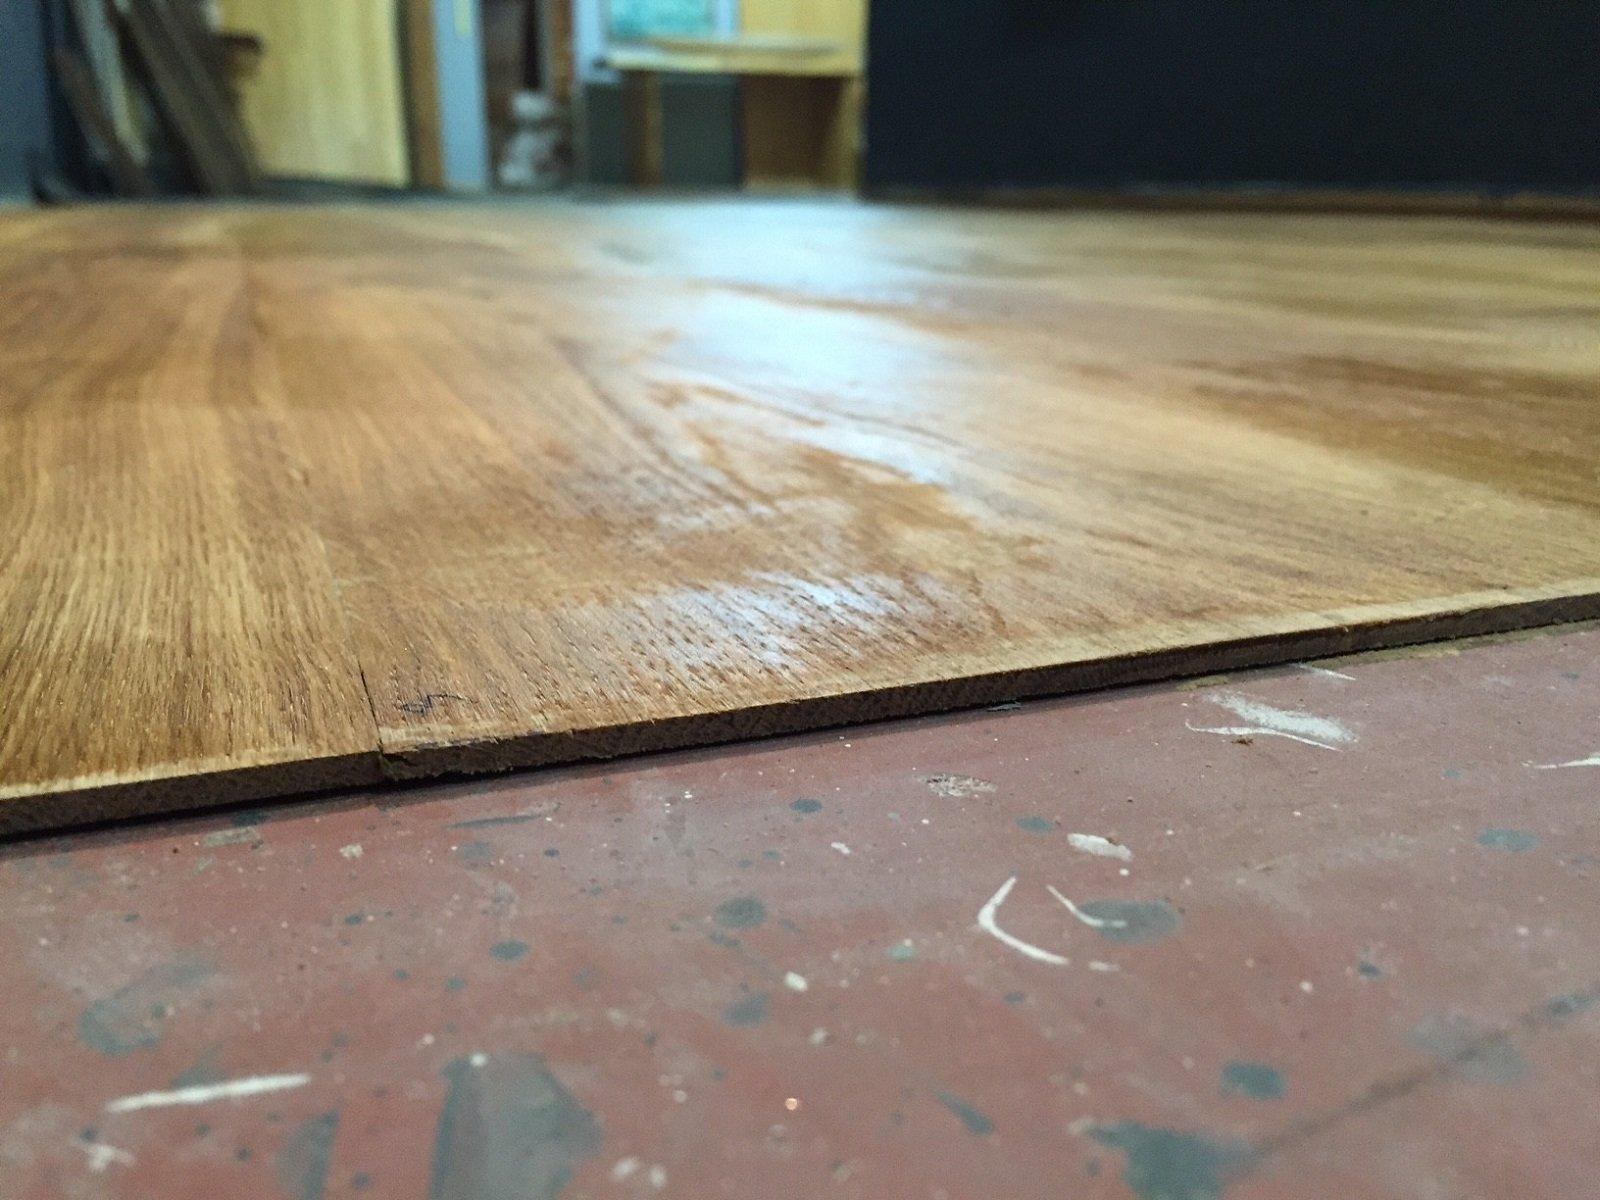 Rivestire il pavimento con lamelle ultrasottili di legno - Piastrelle da incollare su pavimento esistente ...